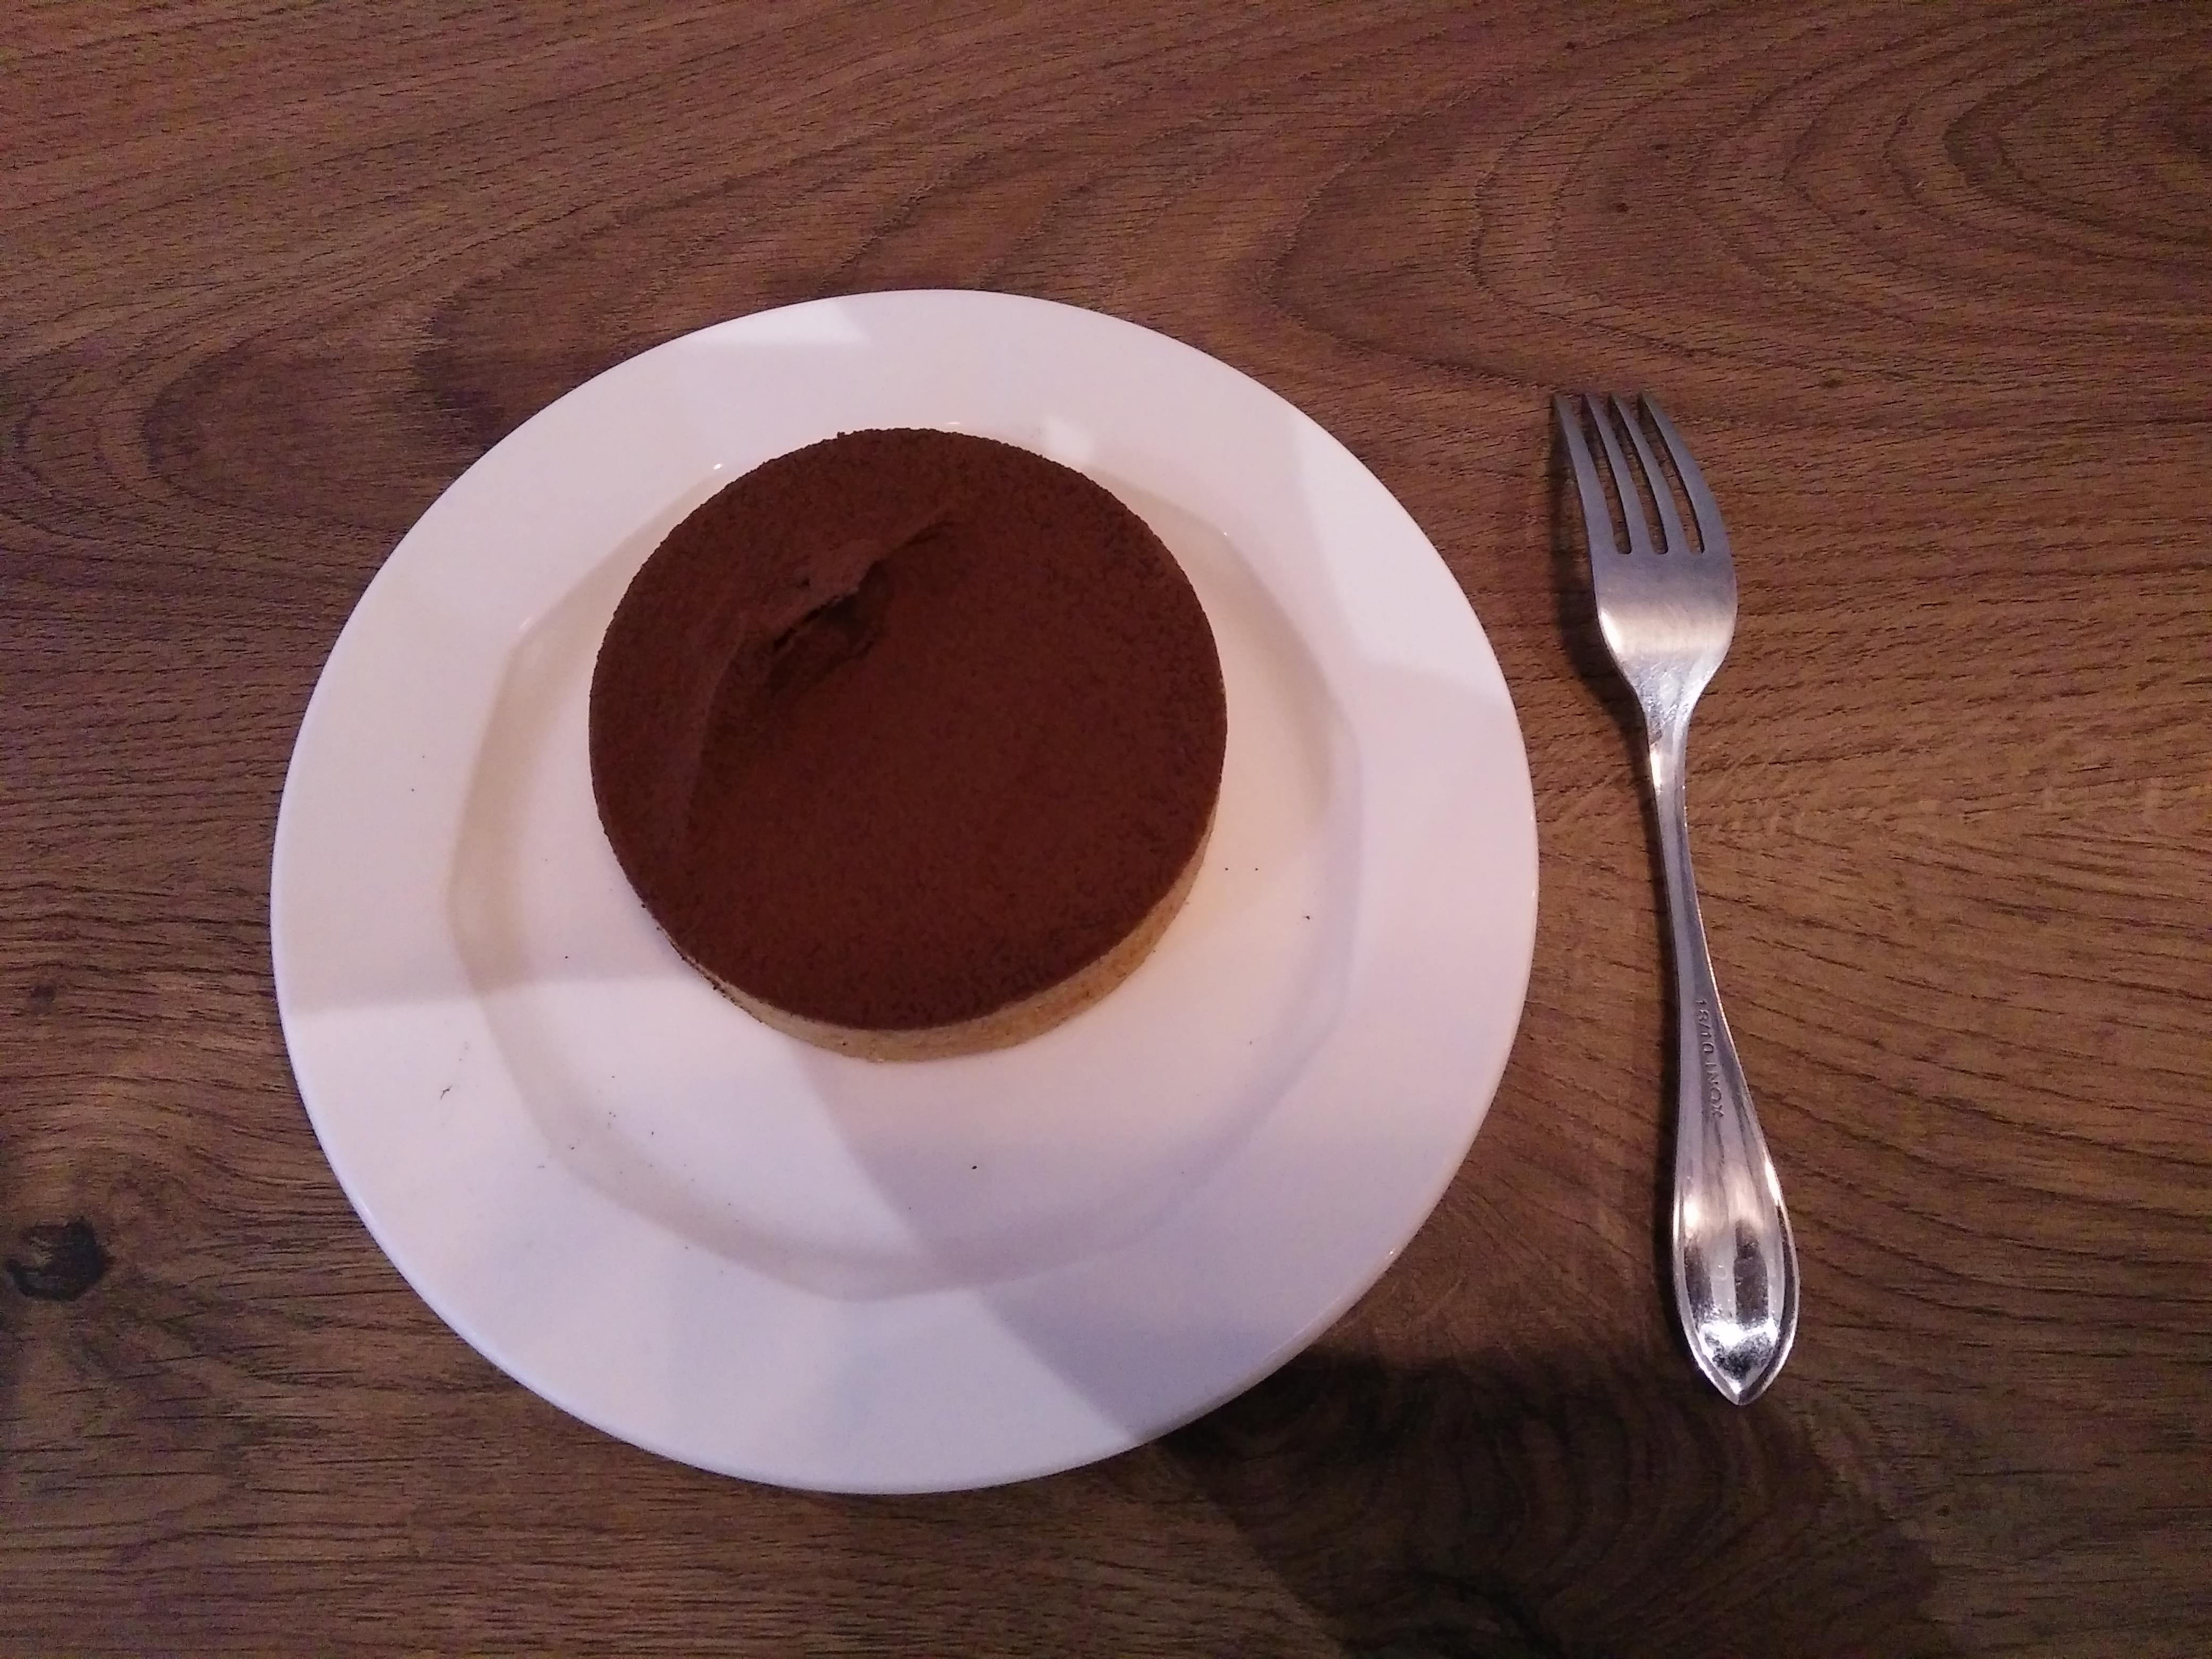 生巧克力塔|台北市南港昆陽站咖啡店 BOCY Patisserie & Bistro 寶希甜點好食光